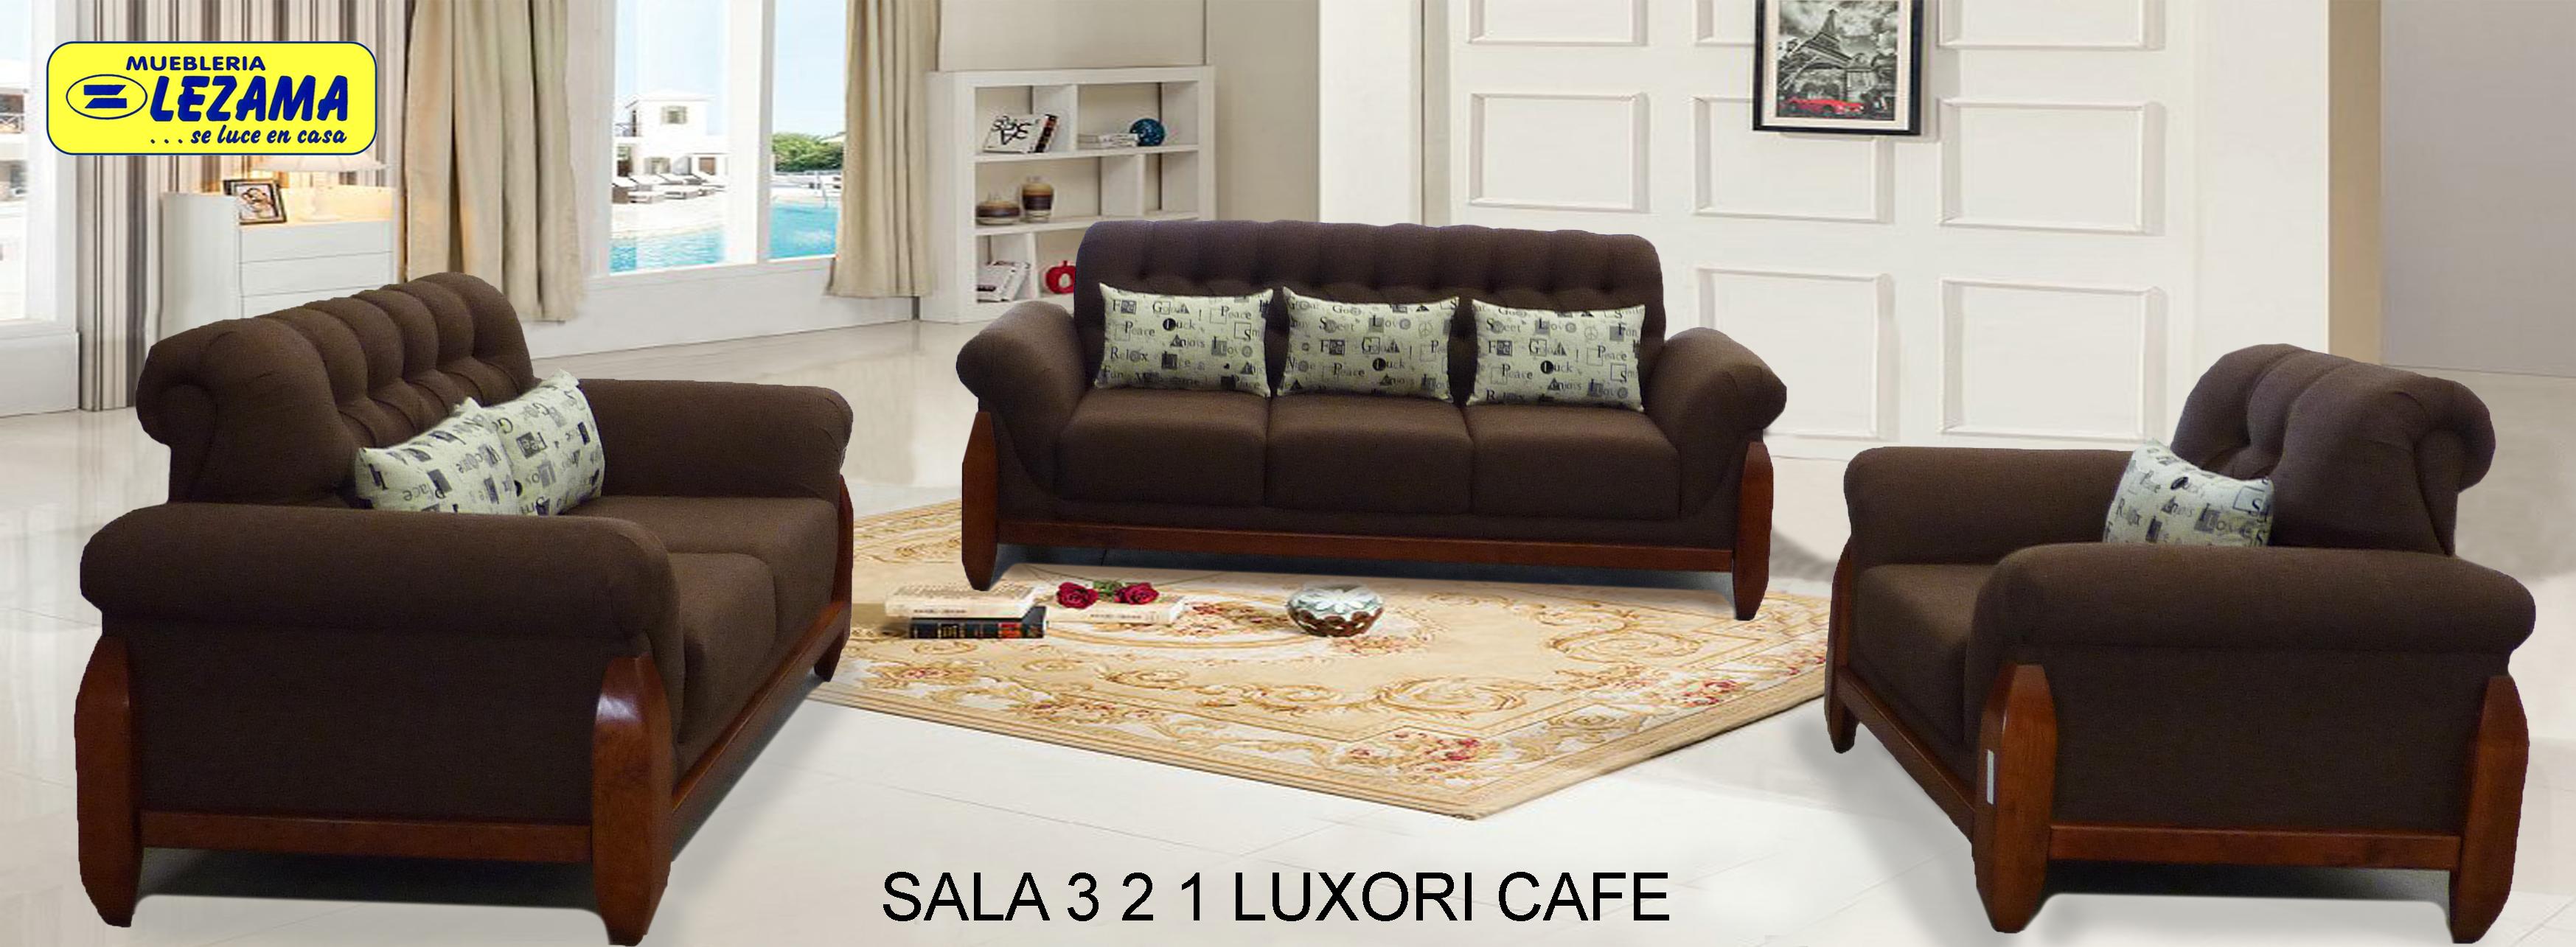 SALA__LUXORI_CAFE_perfecta.jpg